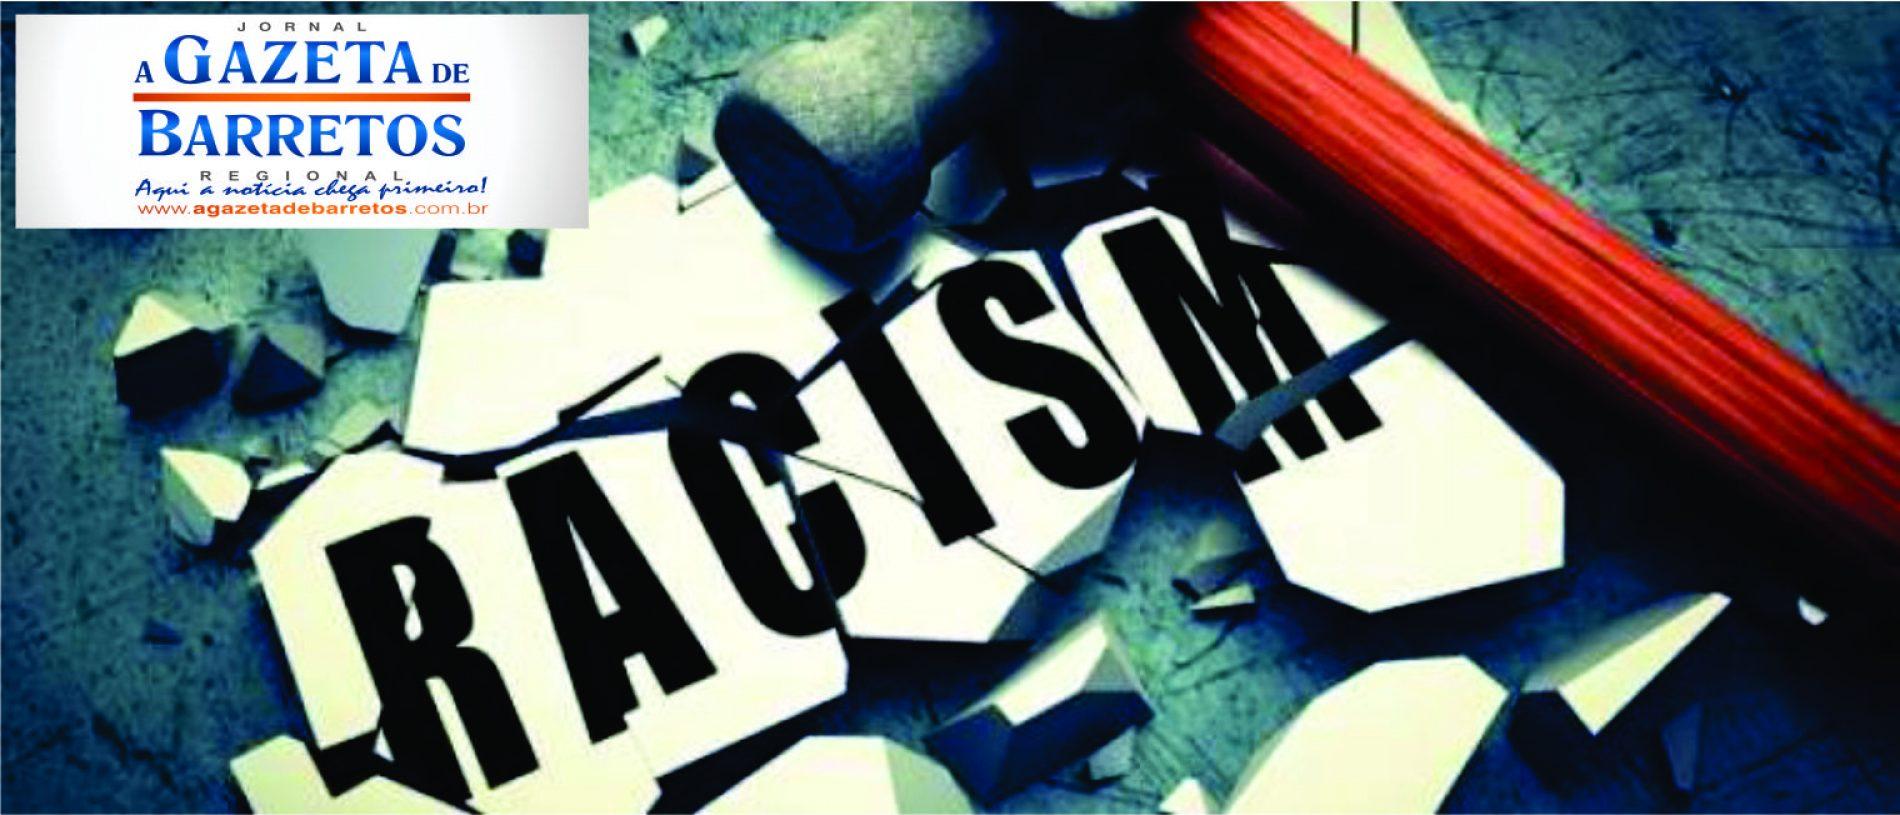 RACISMO: Frentista diz ter sido vítima de injuria praticada por colega de trabalho